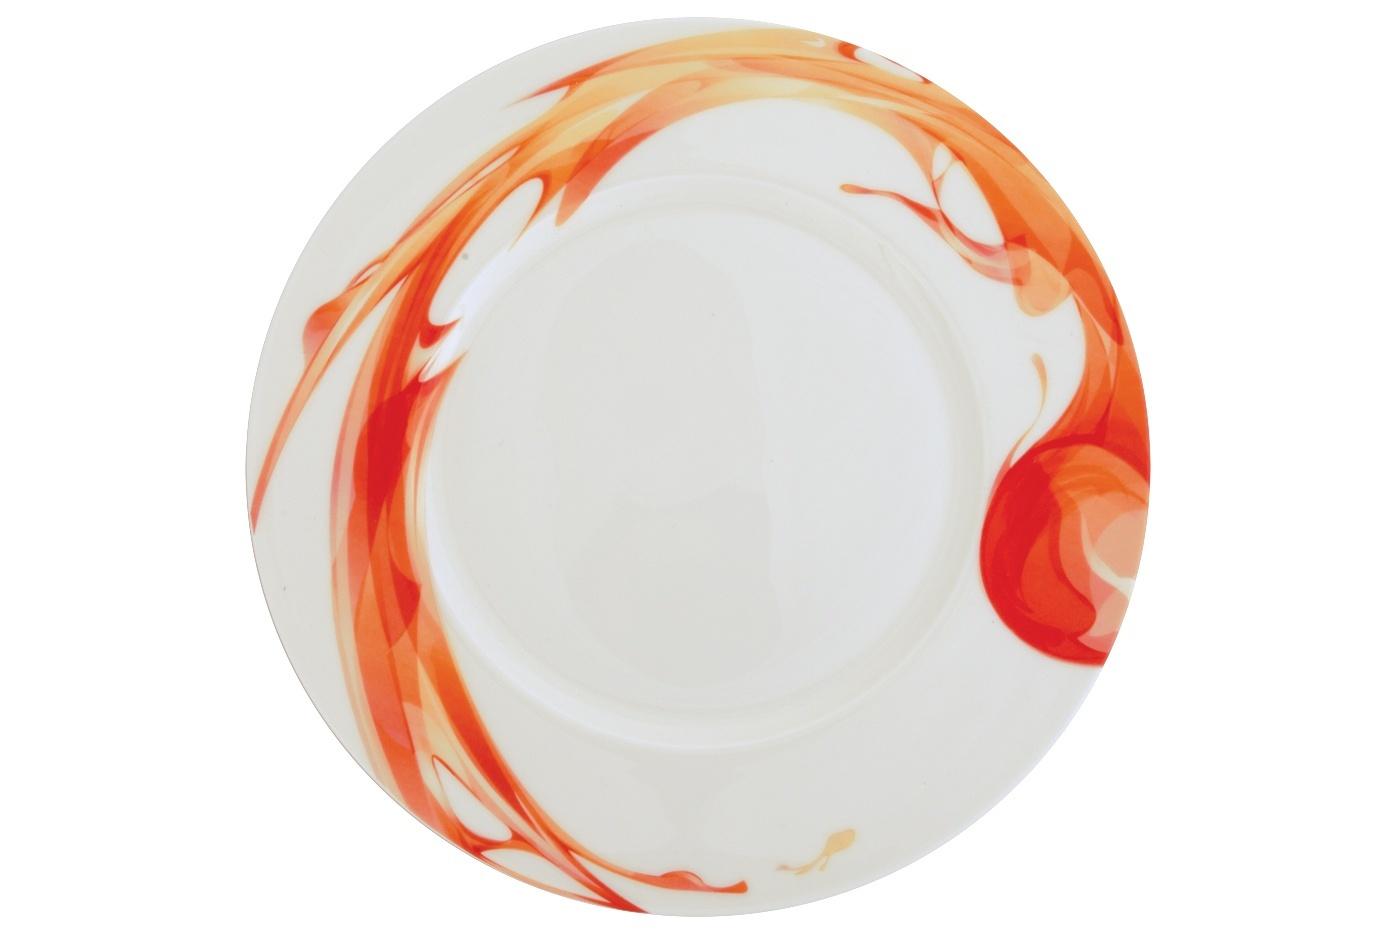 Набор из 6 тарелок Royal Aurel Фиеста (25см) арт.635Наборы тарелок<br>Набор из 6 тарелок Royal Aurel Фиеста (25см) арт.635<br>Производить посуду из фарфора начали в Китае на стыке 6-7 веков. Неустанно совершенствуя и селективно отбирая сырье для производства посуды из фарфора, мастерам удалось добиться выдающихся характеристик фарфора: белизны и тонкостенности. В XV веке появился особый интерес к китайской фарфоровой посуде, так как в это время Европе возникла мода на самобытные китайские вещи. Роскошный китайский фарфор являлся изыском и был в новинку, поэтому он выступал в качестве подарка королям, а также знатным людям. Такой дорогой подарок был очень престижен и по праву являлся элитной посудой. Как известно из многочисленных исторических документов, в Европе китайские изделия из фарфора ценились практически как золото. <br>Проверка изделий из костяного фарфора на подлинность <br>По сравнению с производством других видов фарфора процесс производства изделий из настоящего костяного фарфора сложен и весьма длителен. Посуда из изящного фарфора - это элитная посуда, которая всегда ассоциируется с богатством, величием и благородством. Несмотря на небольшую толщину, фарфоровая посуда - это очень прочное изделие. Для демонстрации плотности и прочности фарфора можно легко коснуться предметов посуды из фарфора деревянной палочкой, и тогда мы услушим характерный металлический звон. В составе фарфоровой посуды присутствует костяная зола, благодаря чему она может быть намного тоньше (не более 2,5 мм) и легче твердого или мягкого фарфора. Безупречная белизна - ключевой признак отличия такого фарфора от других. Цвет обычного фарфора сероватый или ближе к голубоватому, а костяной фарфор будет всегда будет молочно-белого цвета. Характерная и немаловажная деталь - это невесомая прозрачность изделий из фарфора такая, что сквозь него проходит свет.<br>